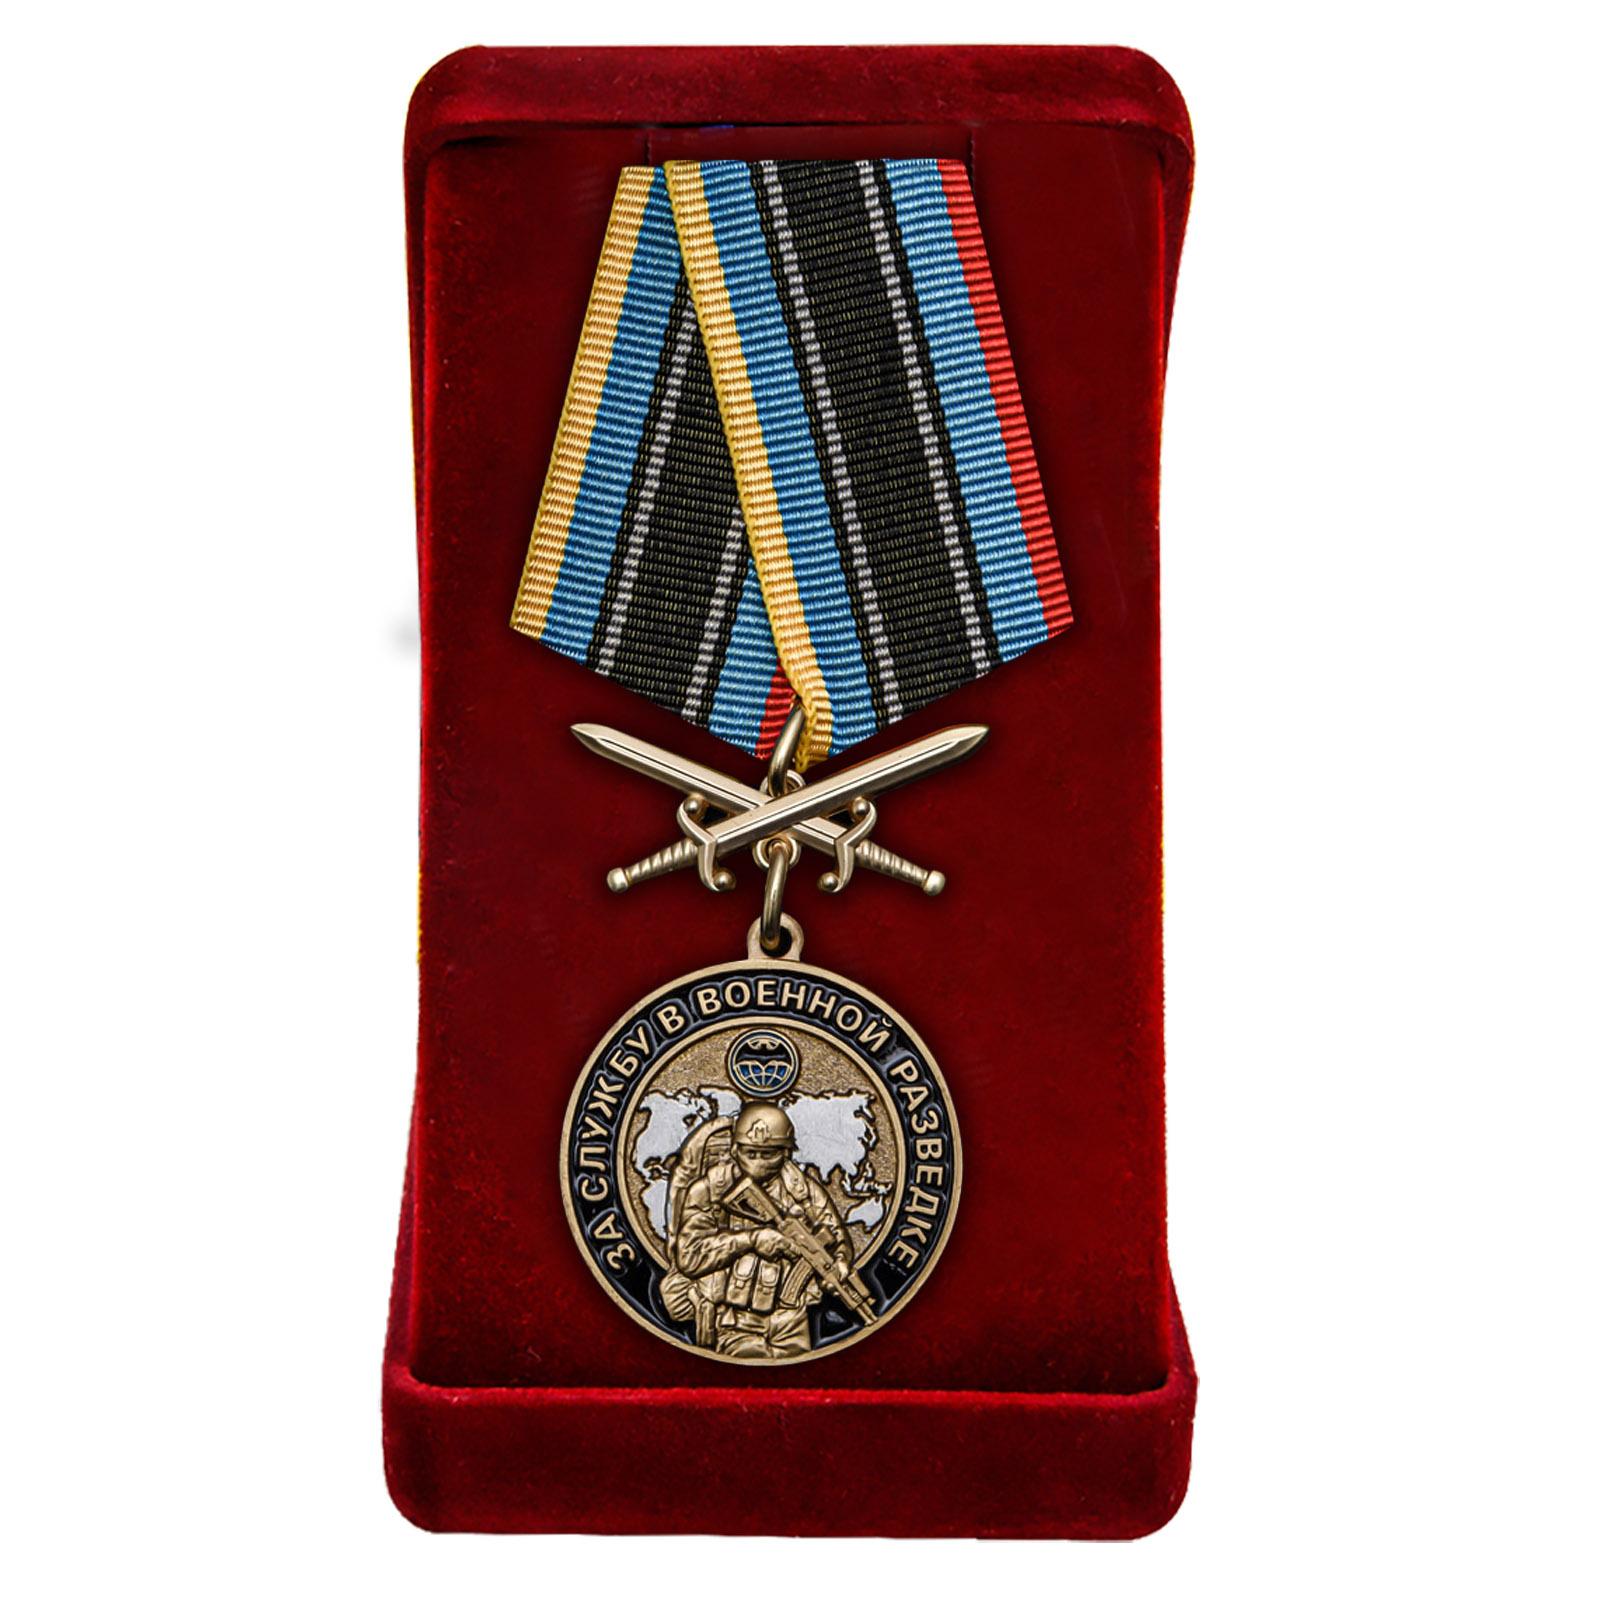 Купить медаль За службу в Военной разведке оптом или в розницу